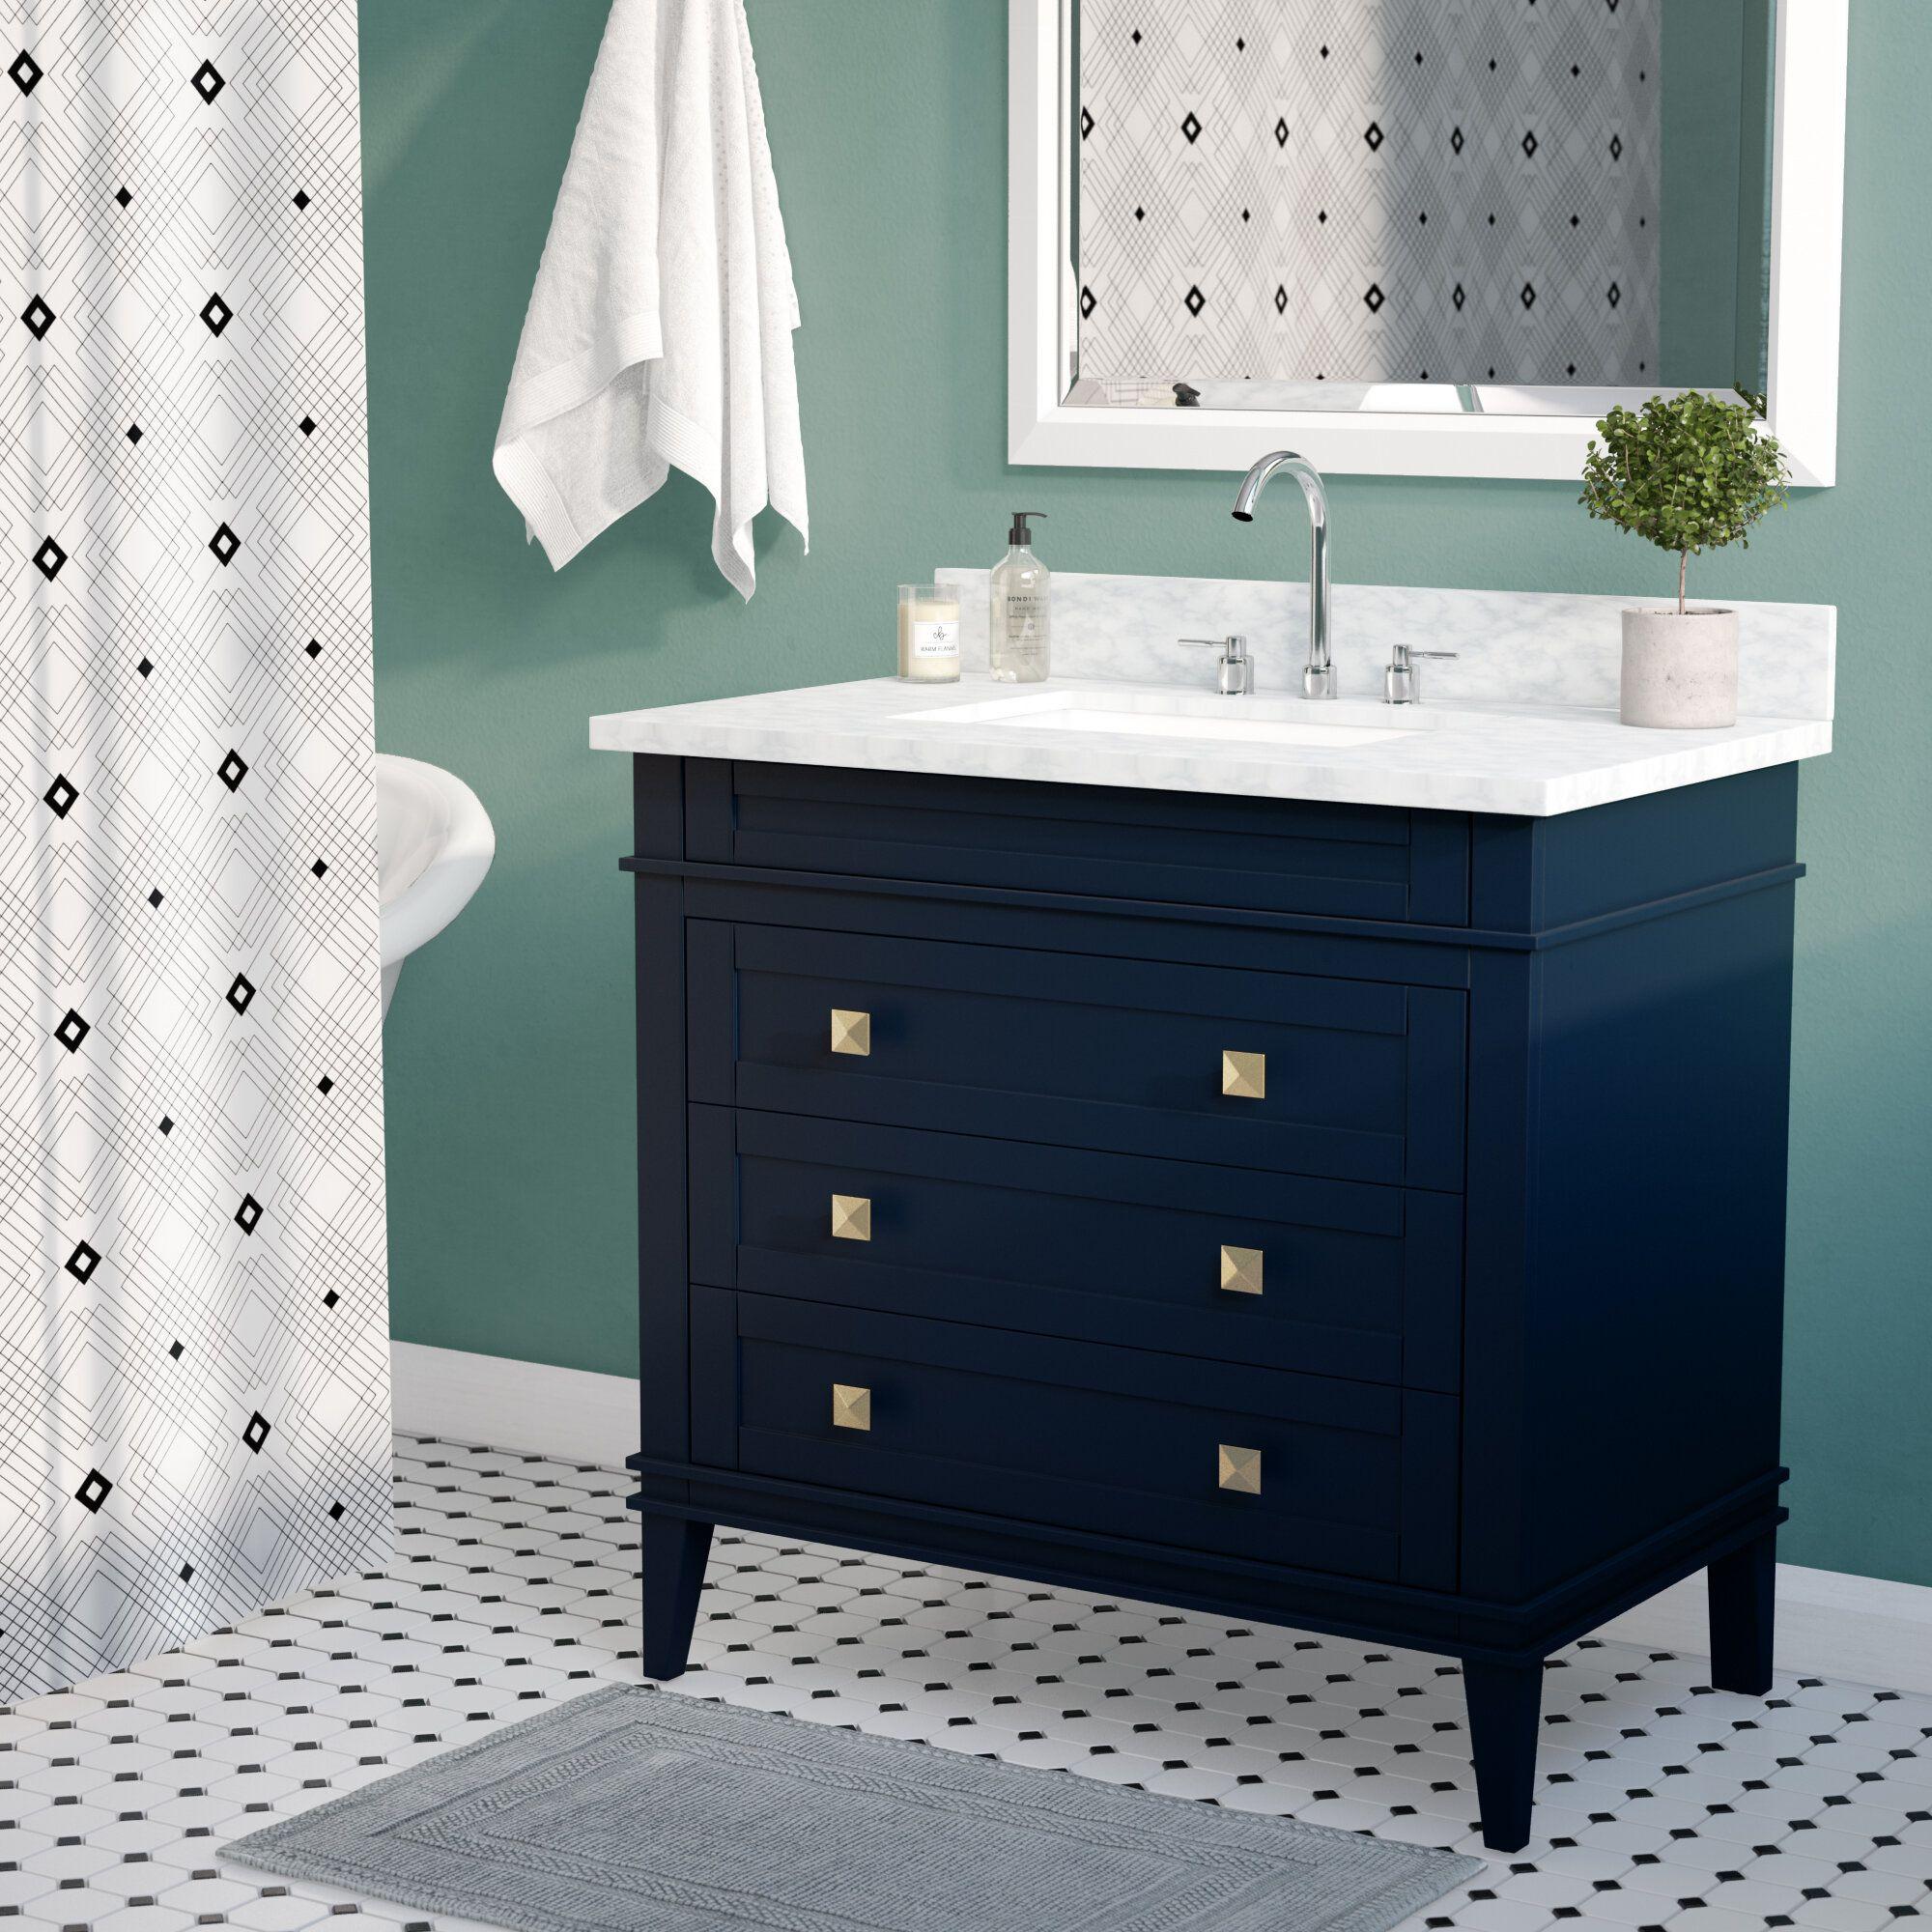 6+ Attractive Wayfair Bathroom Vanities - Ceplukan  Single